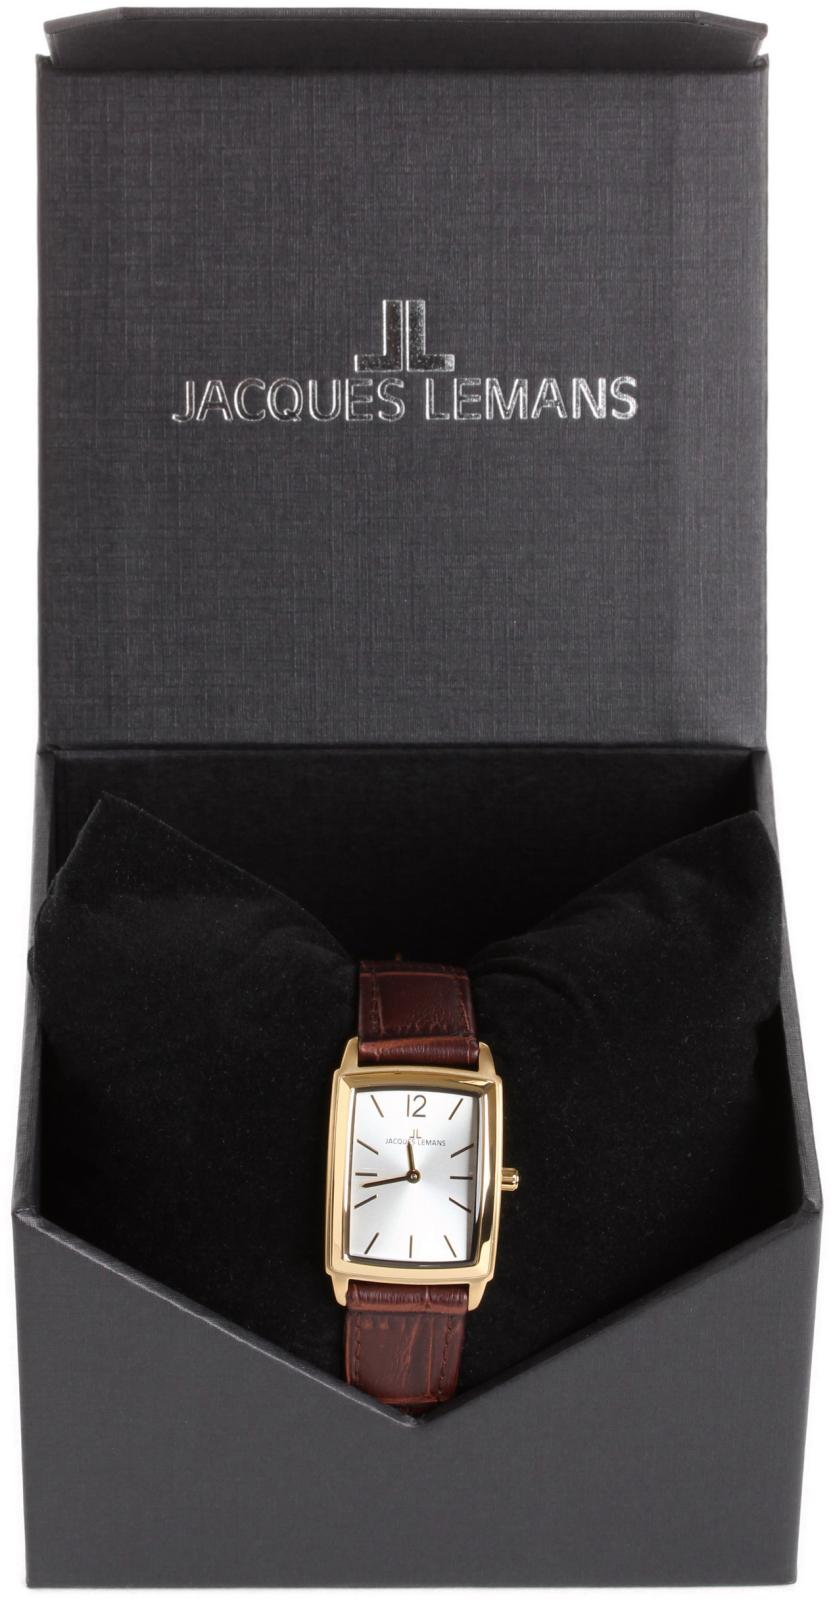 Jacques Lemans Bienne 1-1905DНаручные часы<br>Австрийские часы Jacques Lemans Bienne 1-1905D<br><br>Пол: Женские<br>Страна-производитель: Австрия<br>Механизм: Кварцевый<br>Материал корпуса: Сталь<br>Материал ремня/браслета: Кожа<br>Водозащита, диапазон: None<br>Стекло: Минеральное<br>Толщина корпуса: None<br>Стиль: None